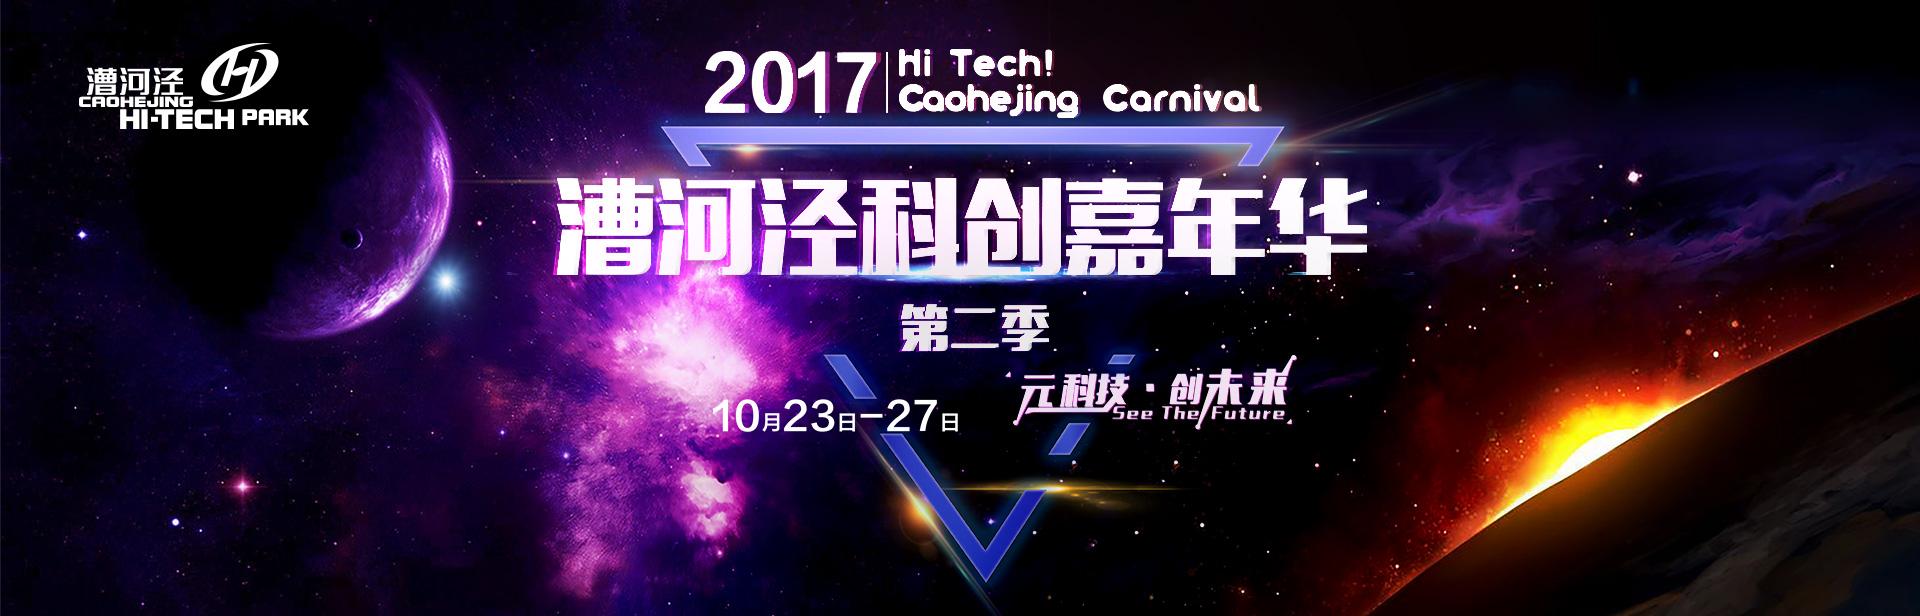 上海漕河泾国际科技创新嘉年华-点掌投教